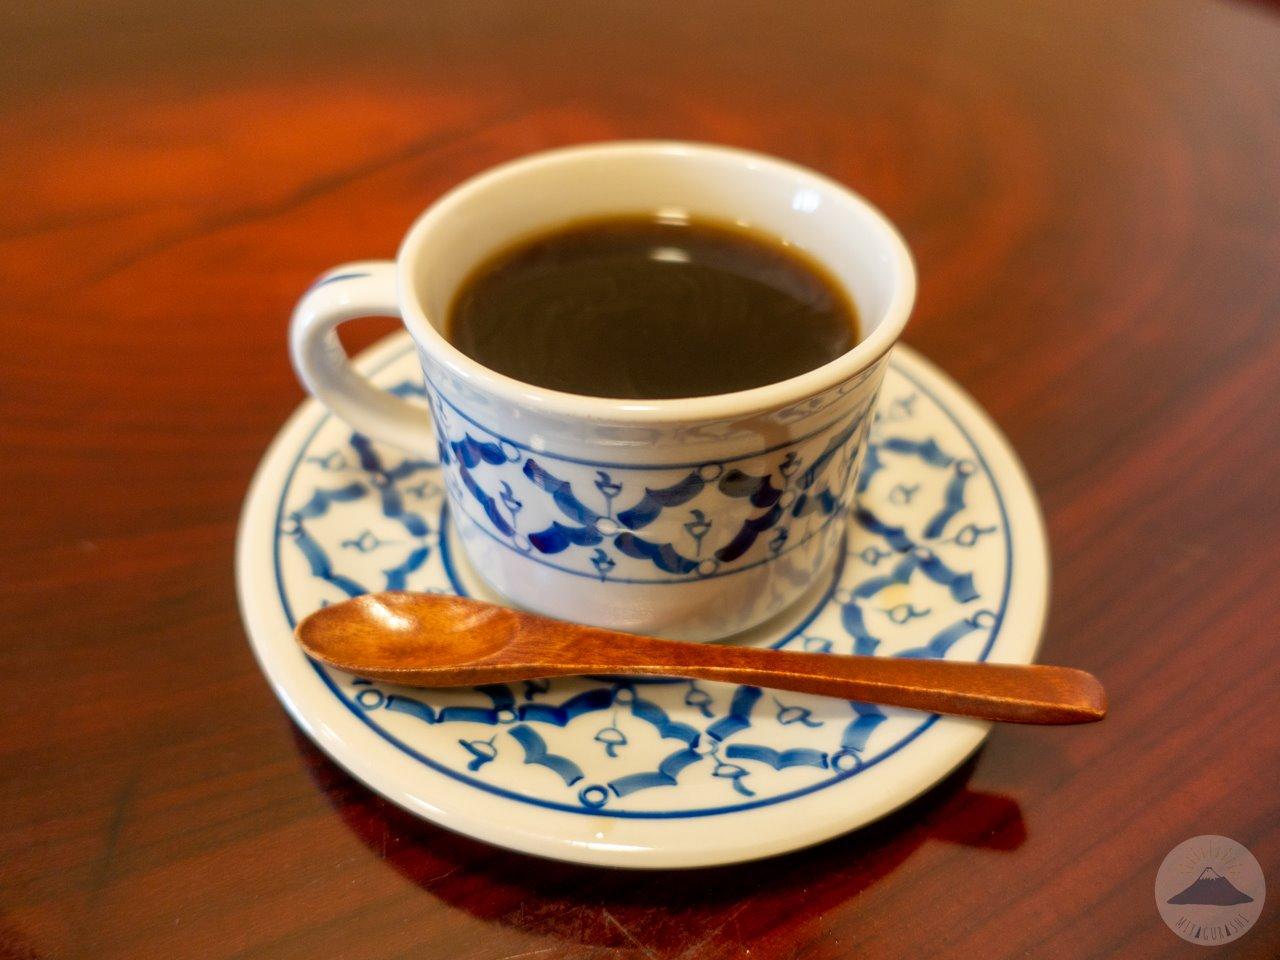 タイ屋台料理ユキズキッチンのホットコーヒー